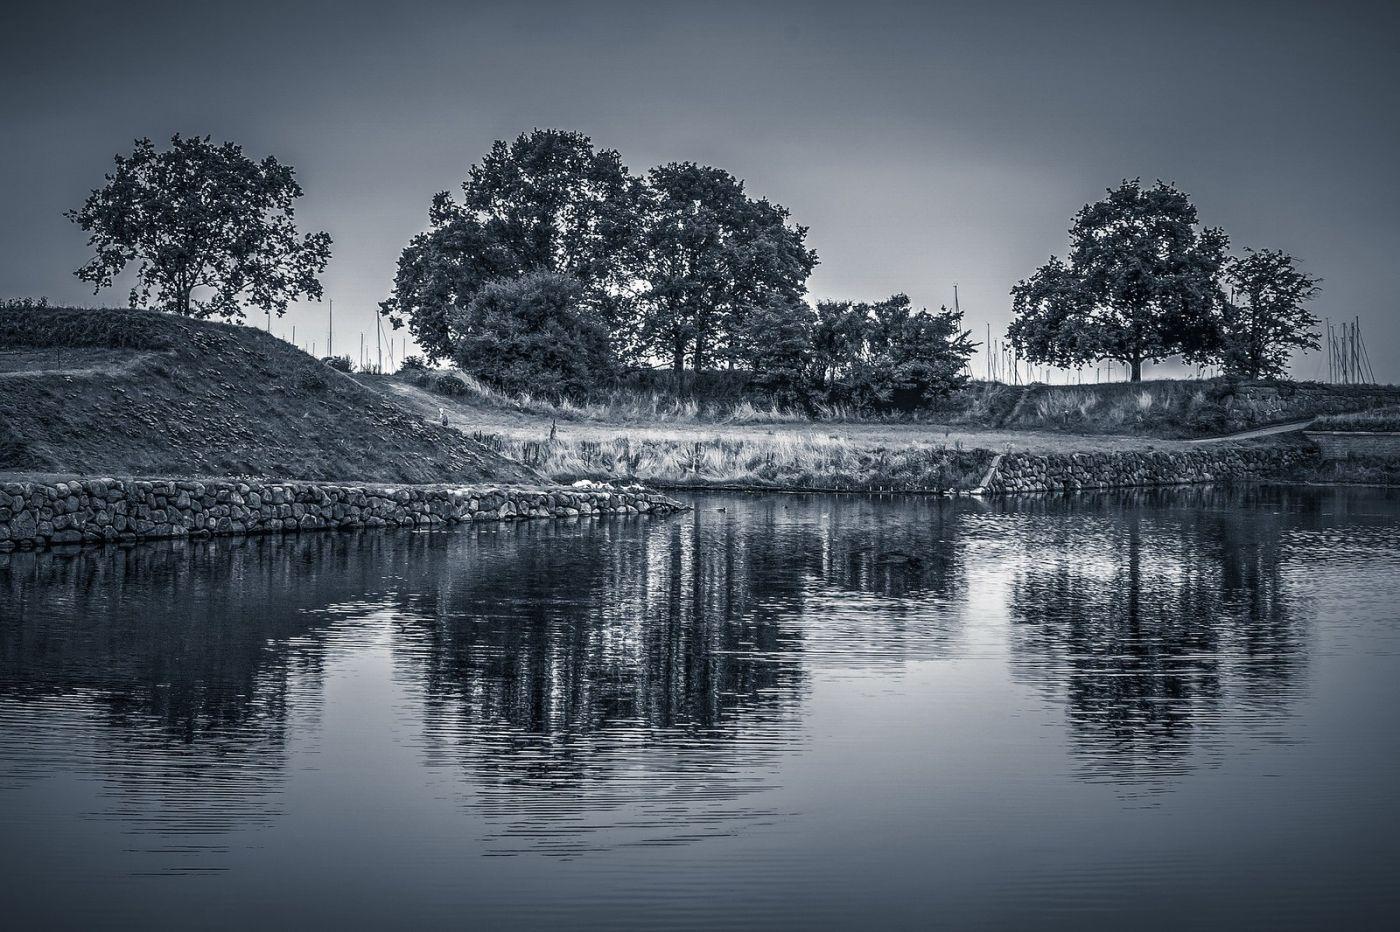 丹麦腓特烈堡城堡,回看历史_图1-26